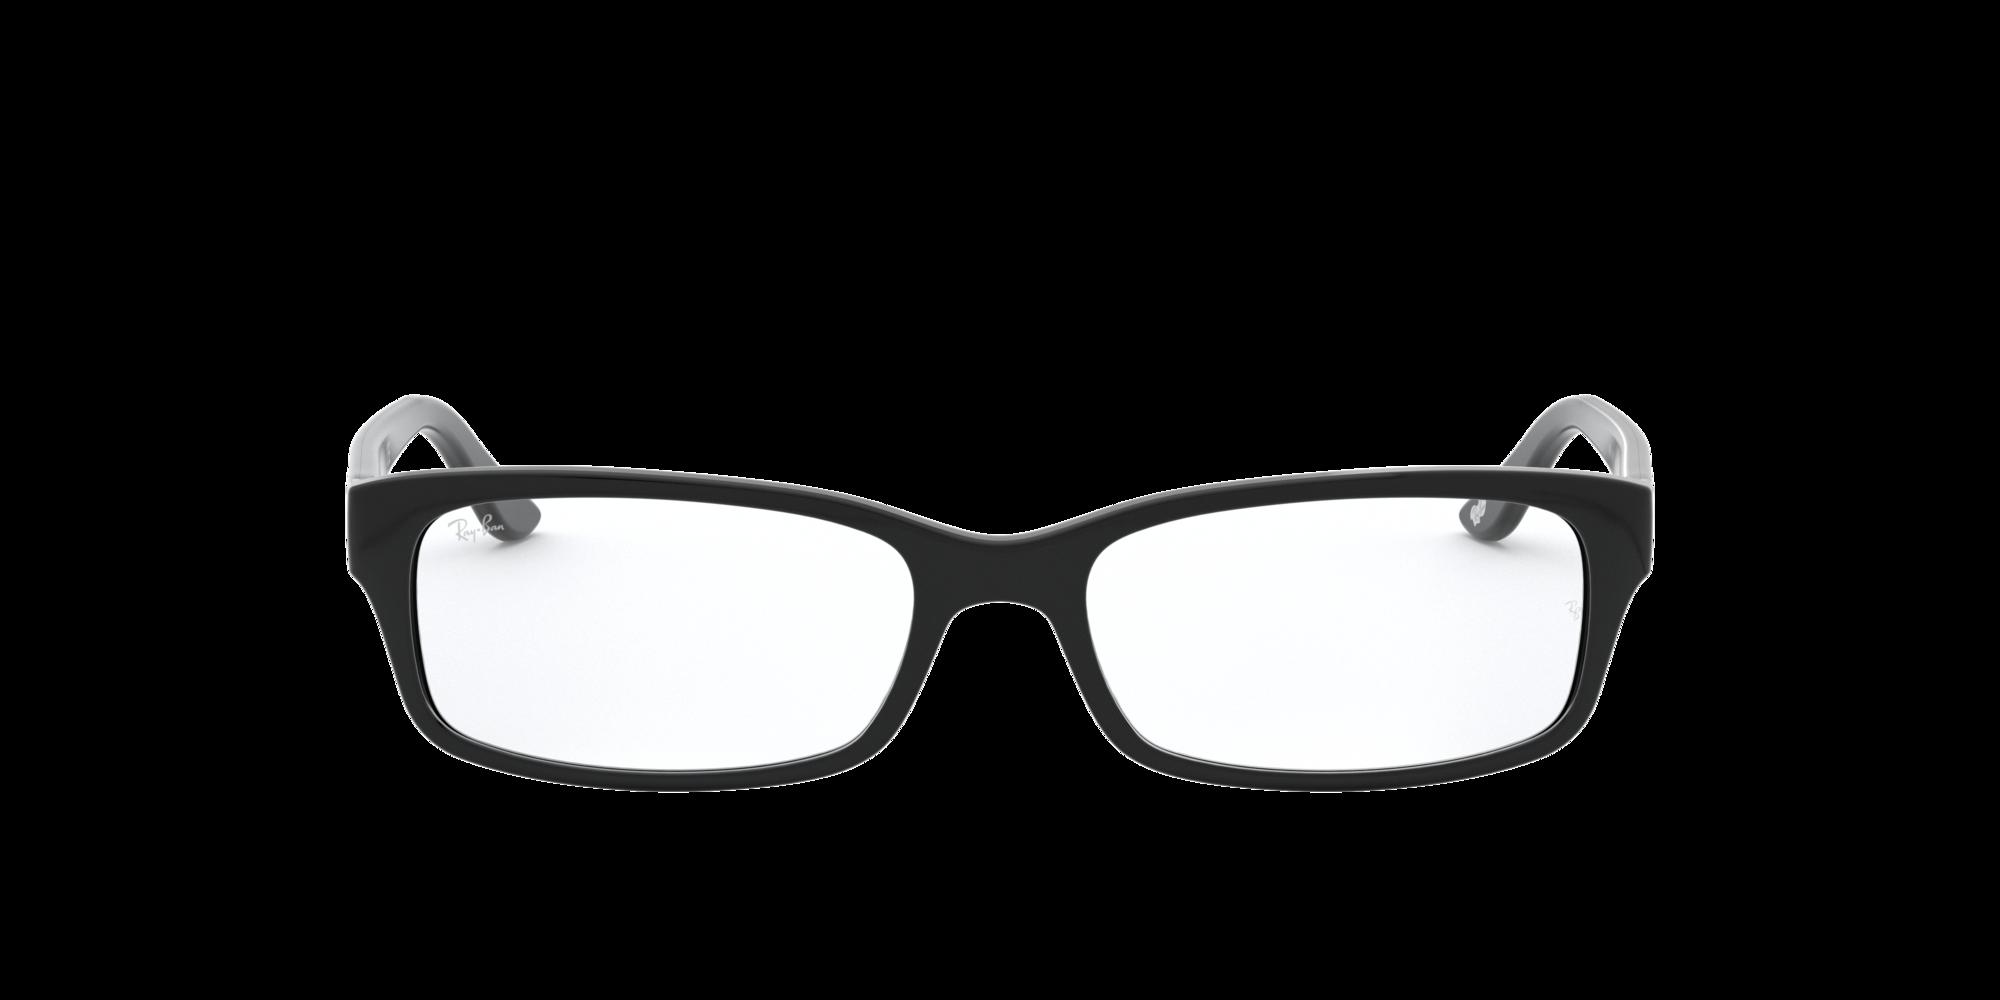 Imagen para RX5187 de LensCrafters    Espejuelos, espejuelos graduados en línea, gafas